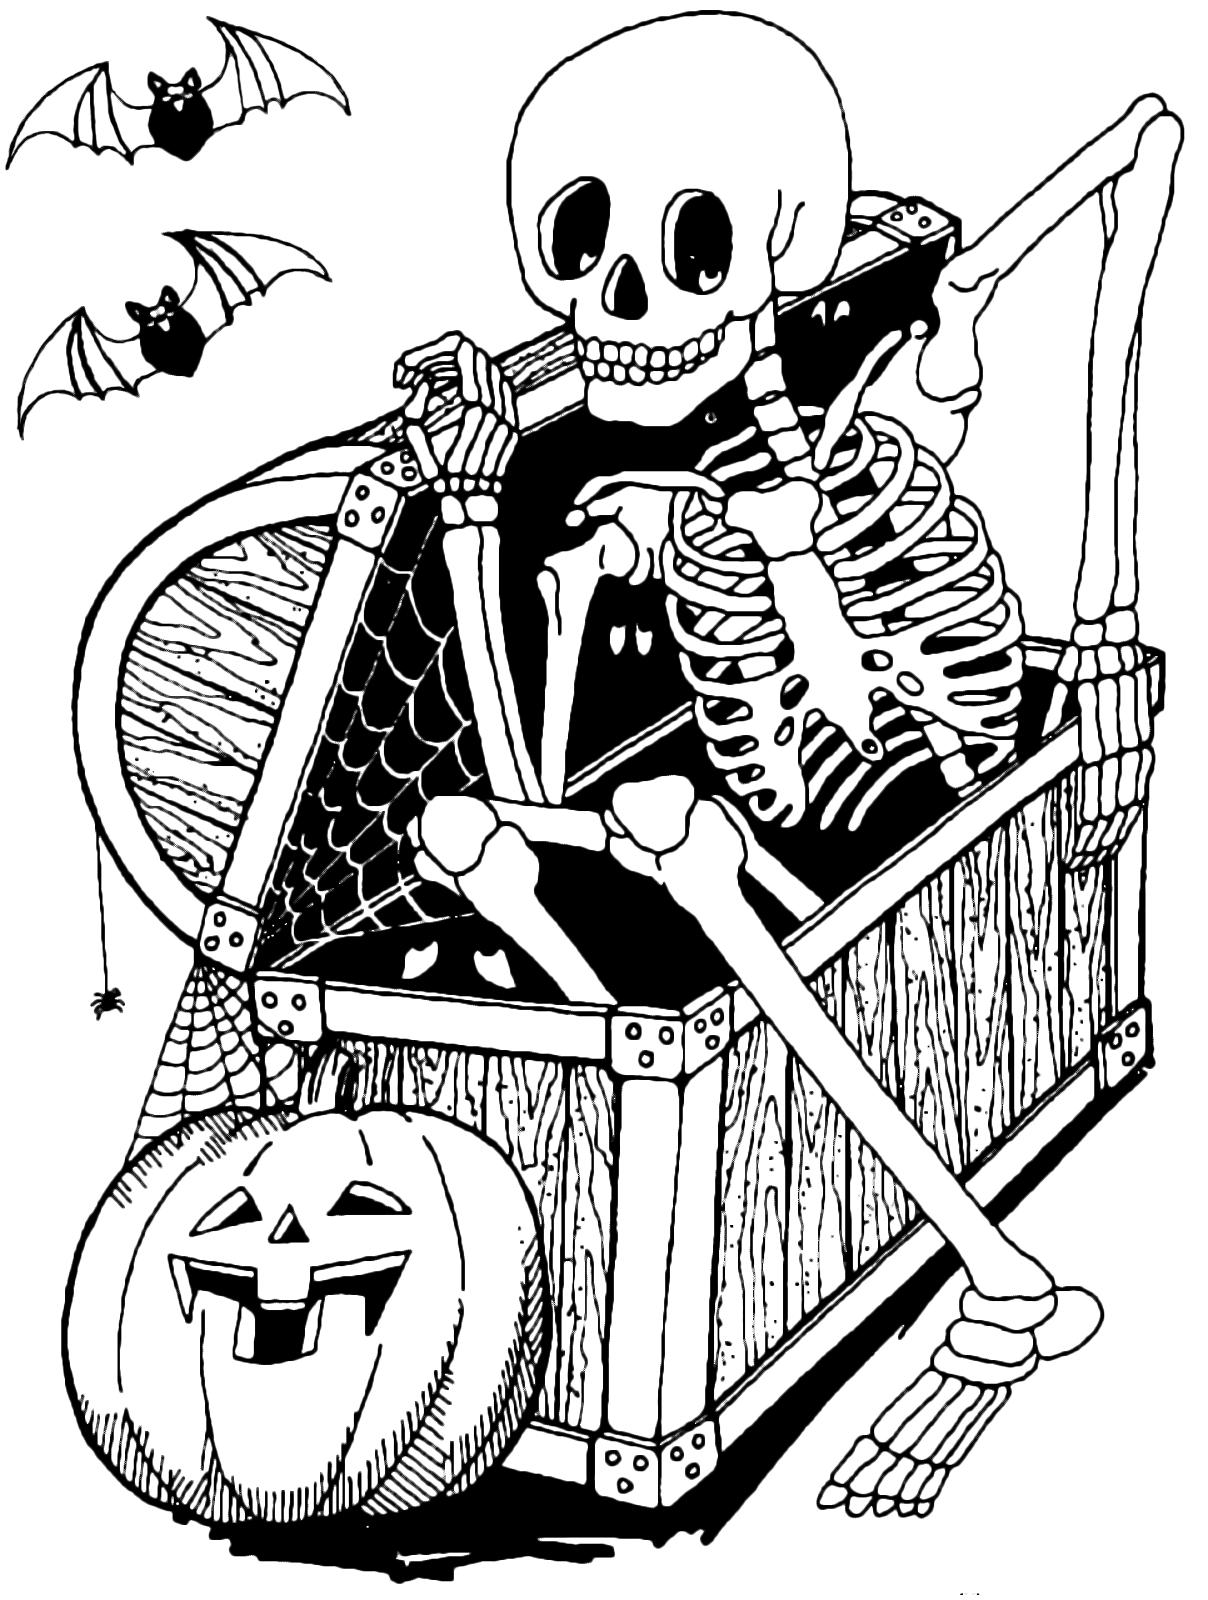 Скелет в картинках для детей, лет милиции открытки